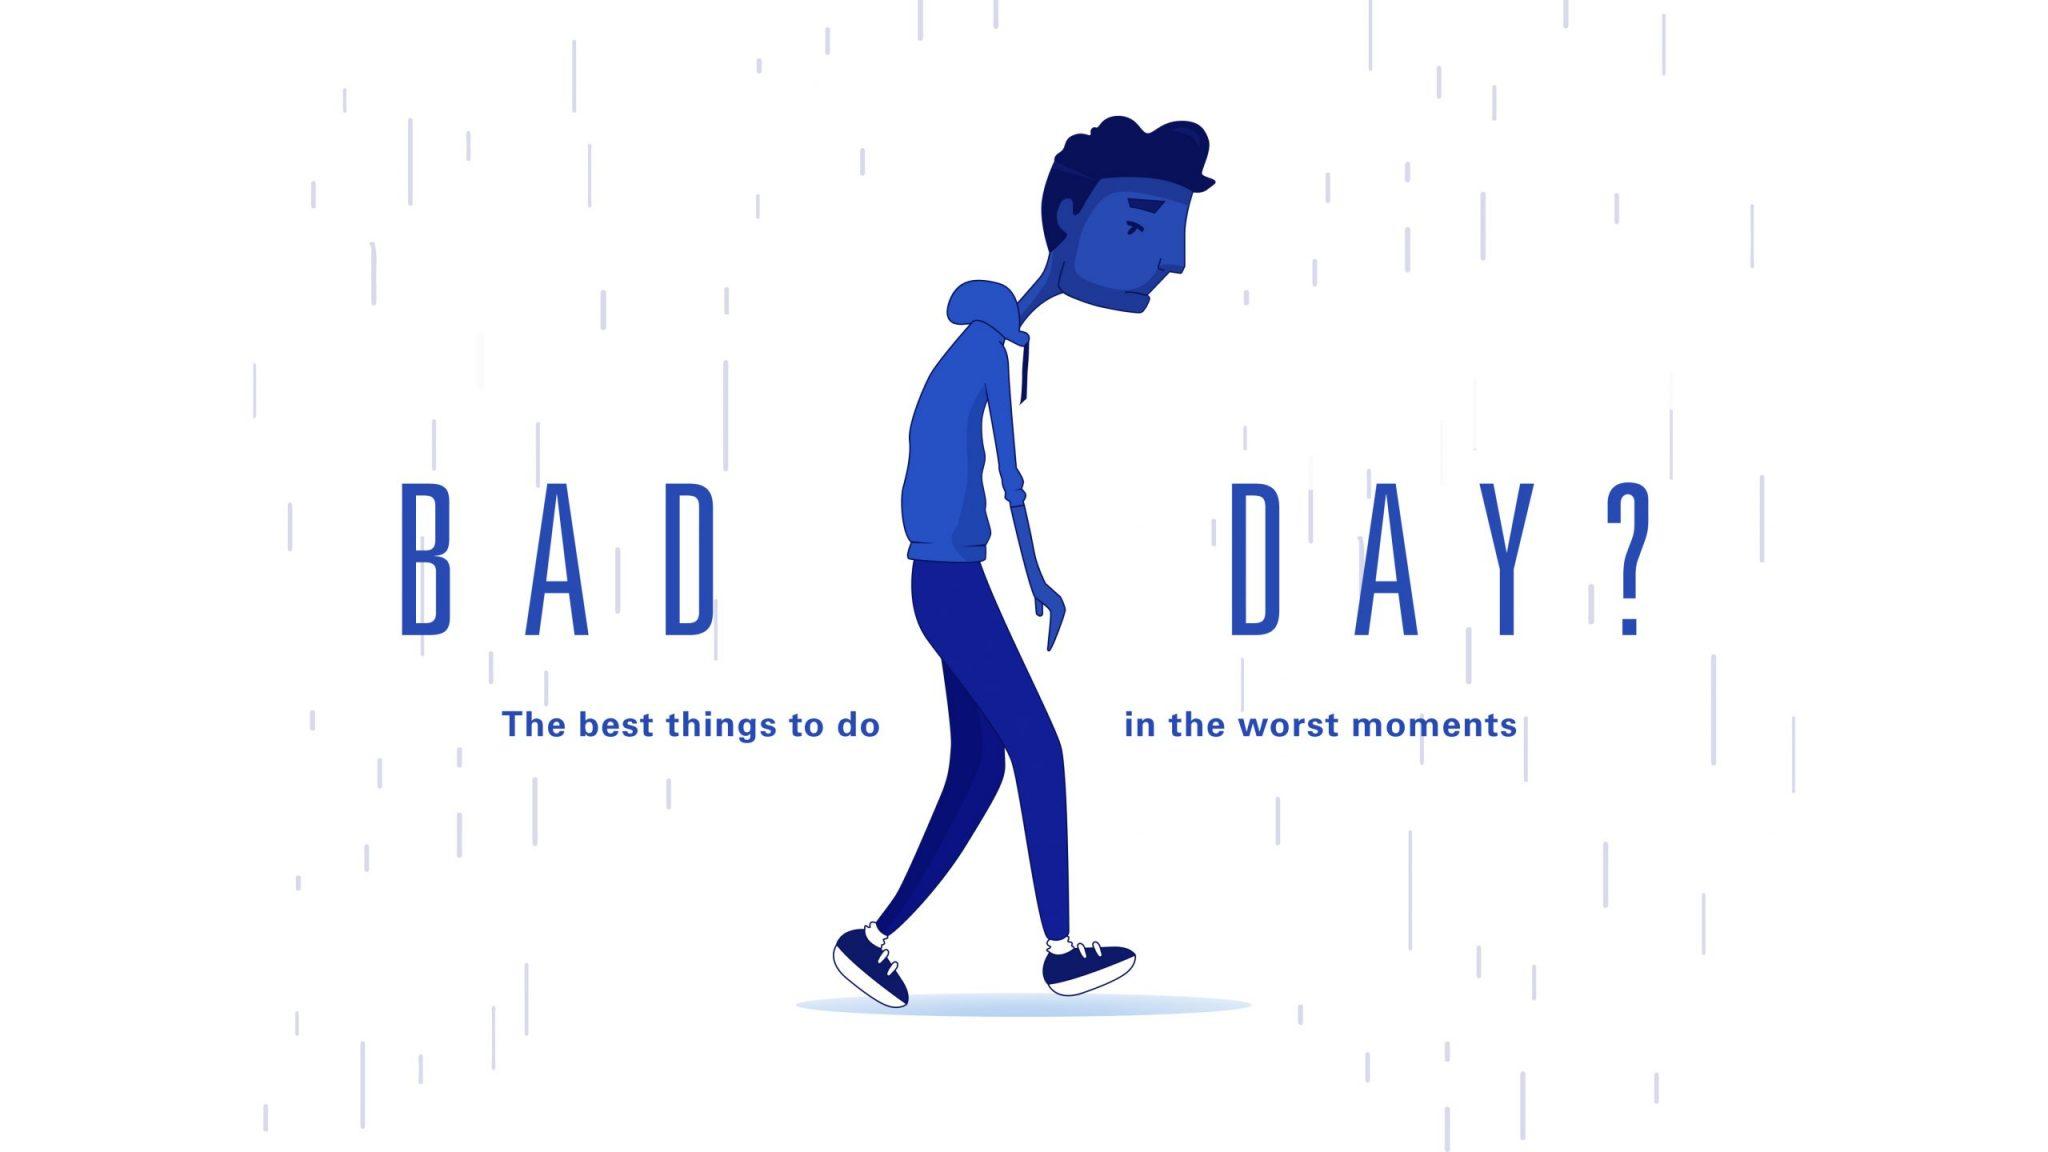 Hari Yang Buruk